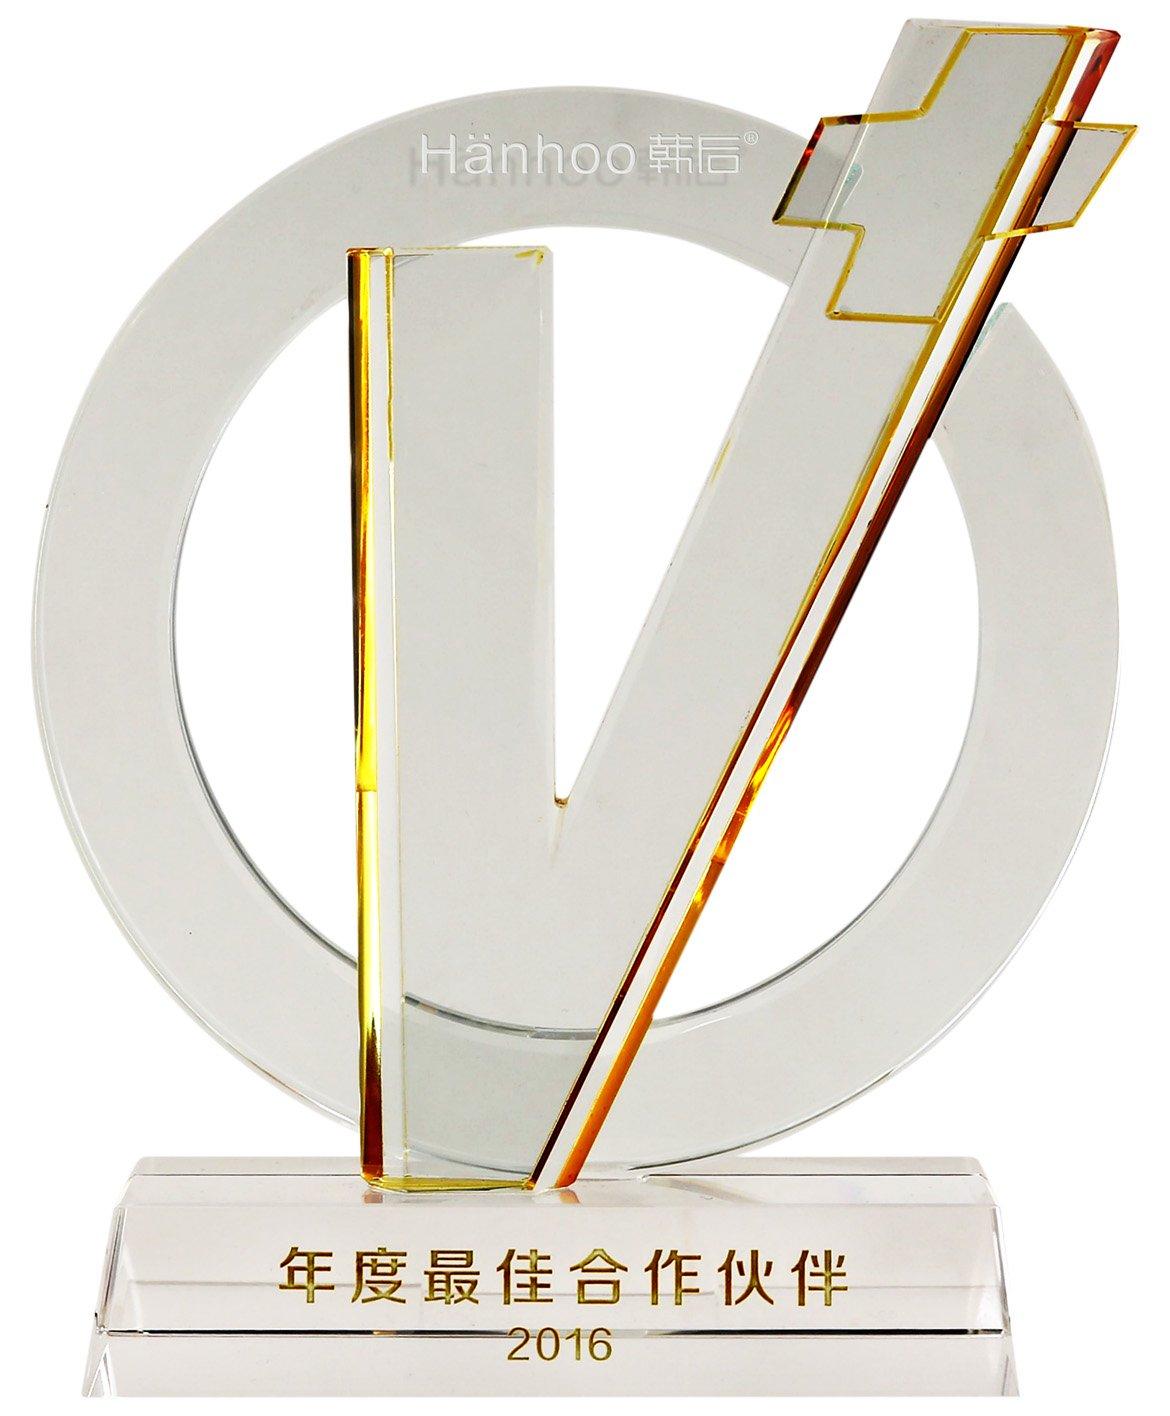 韩后2016年度最佳合作伙伴